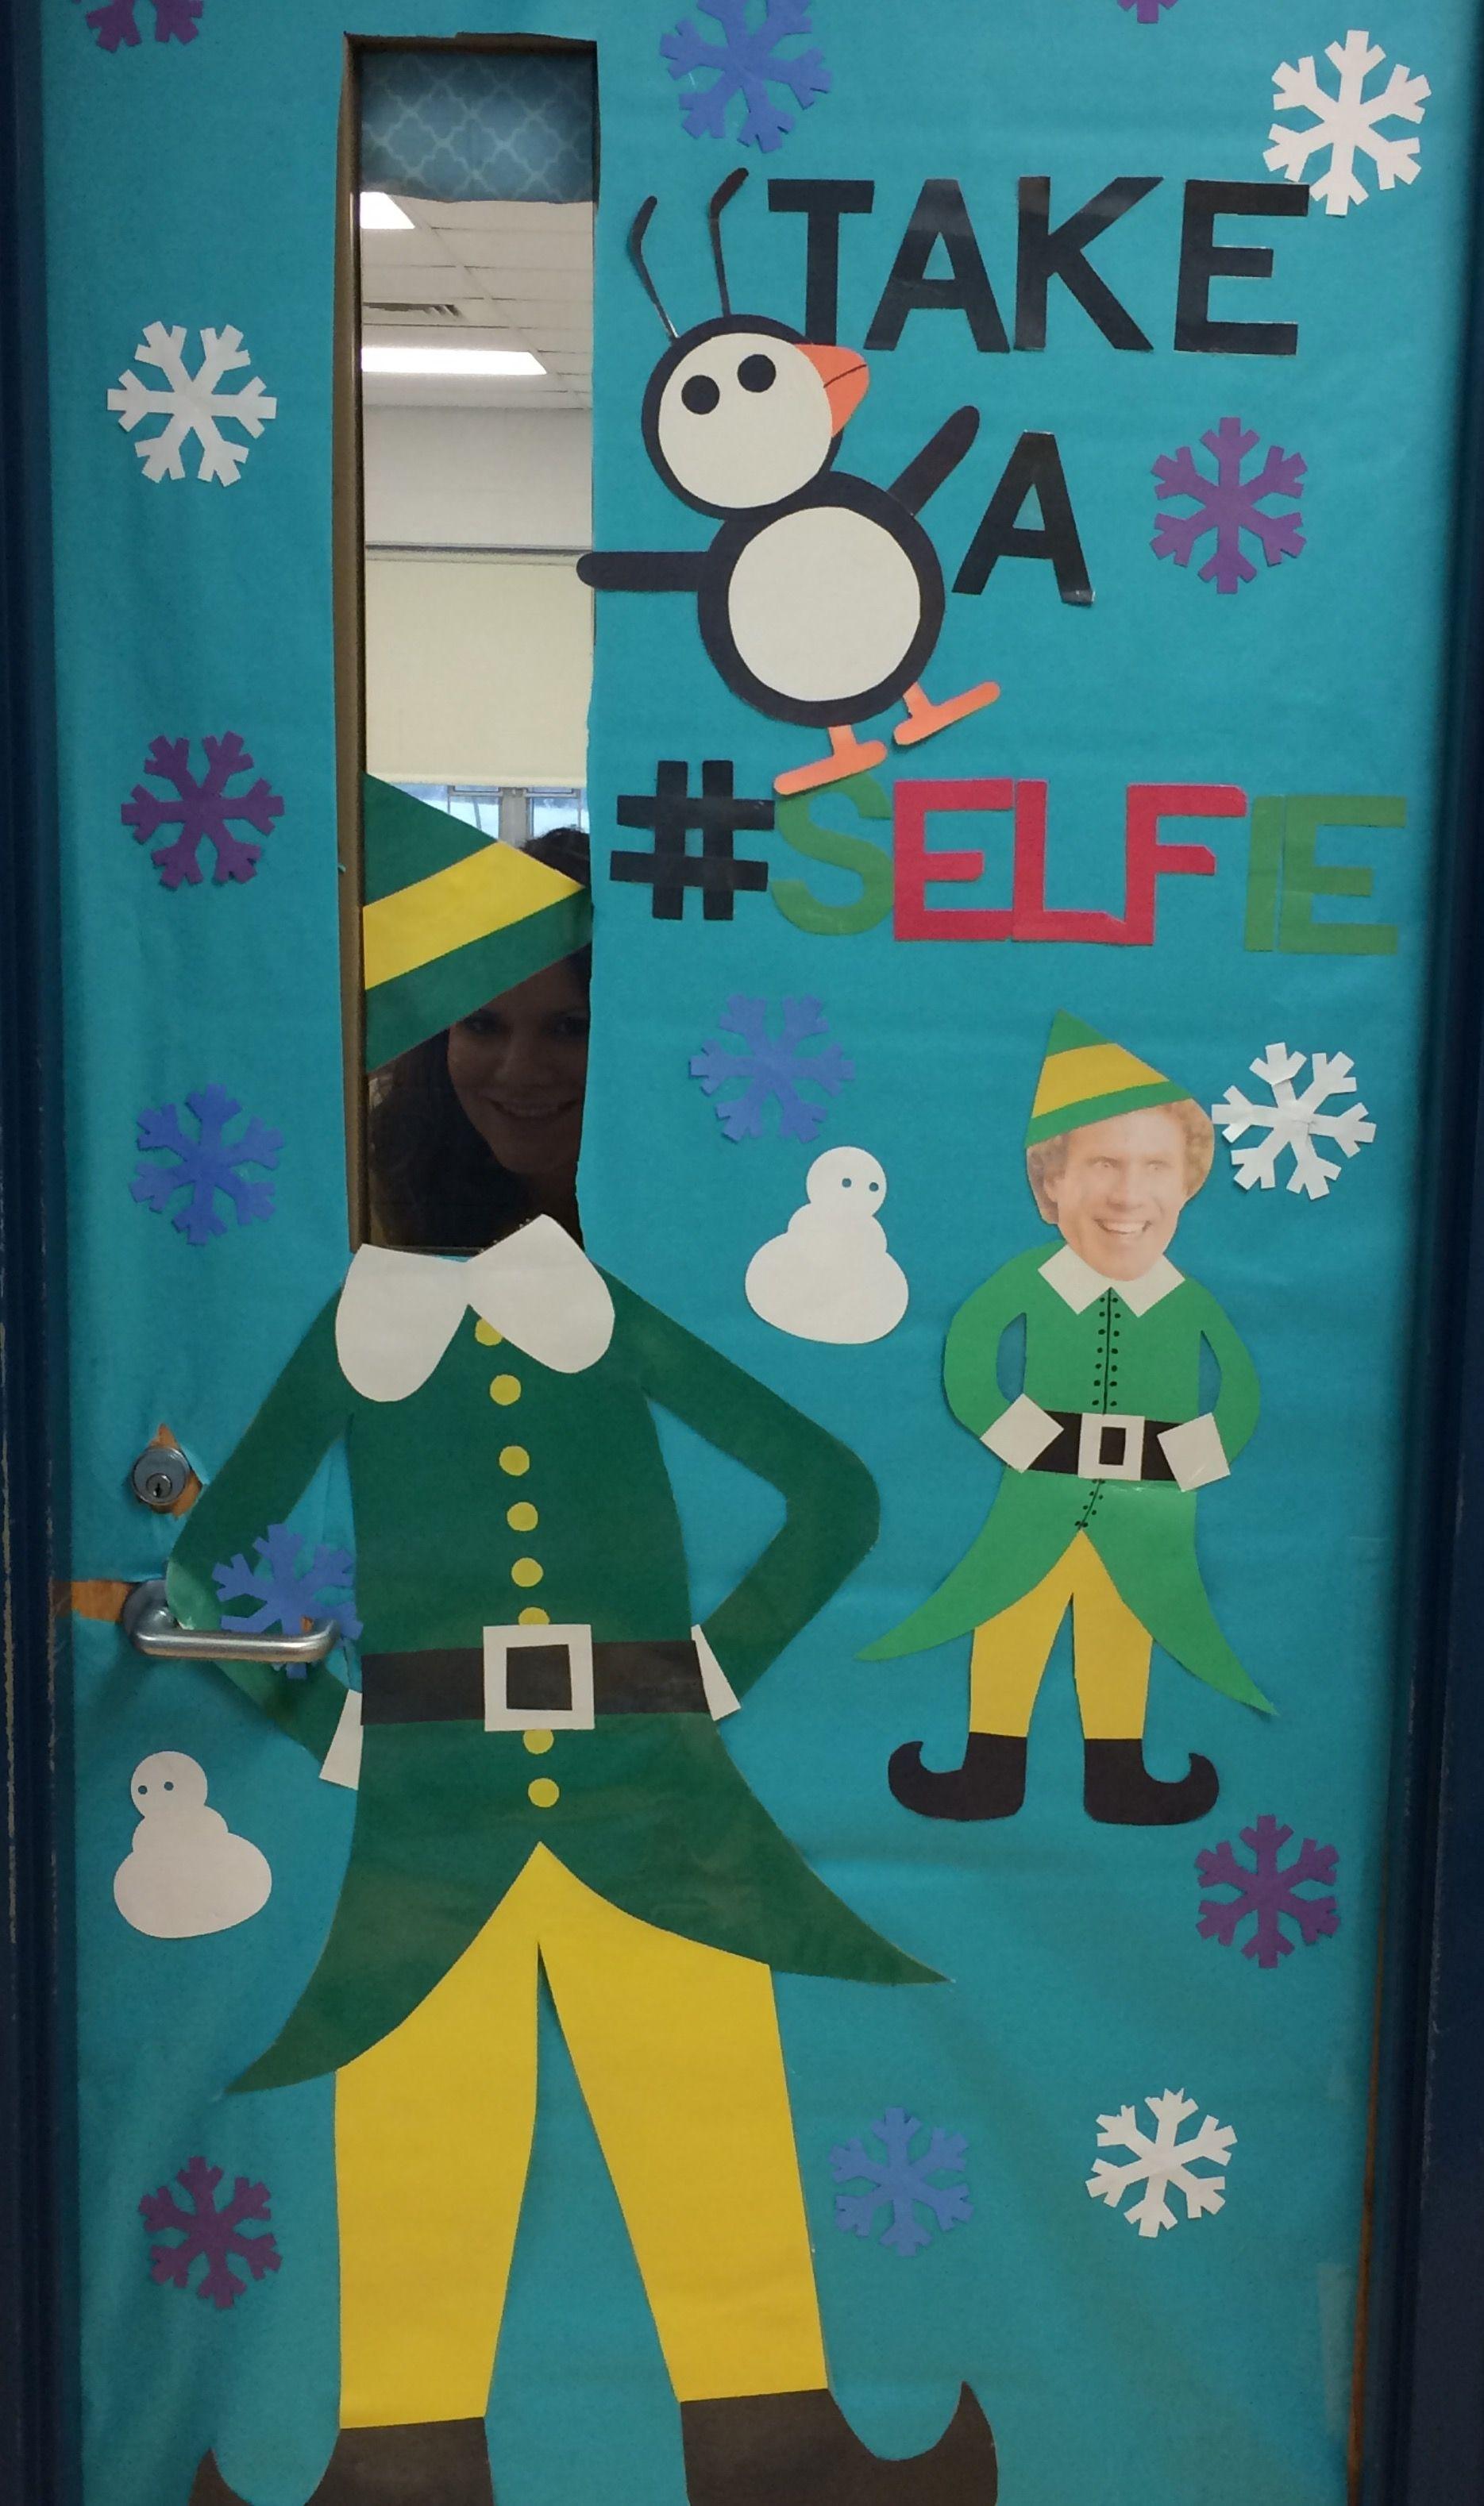 Christmas door ideas selfie buddy the elf education for Elf door and elf